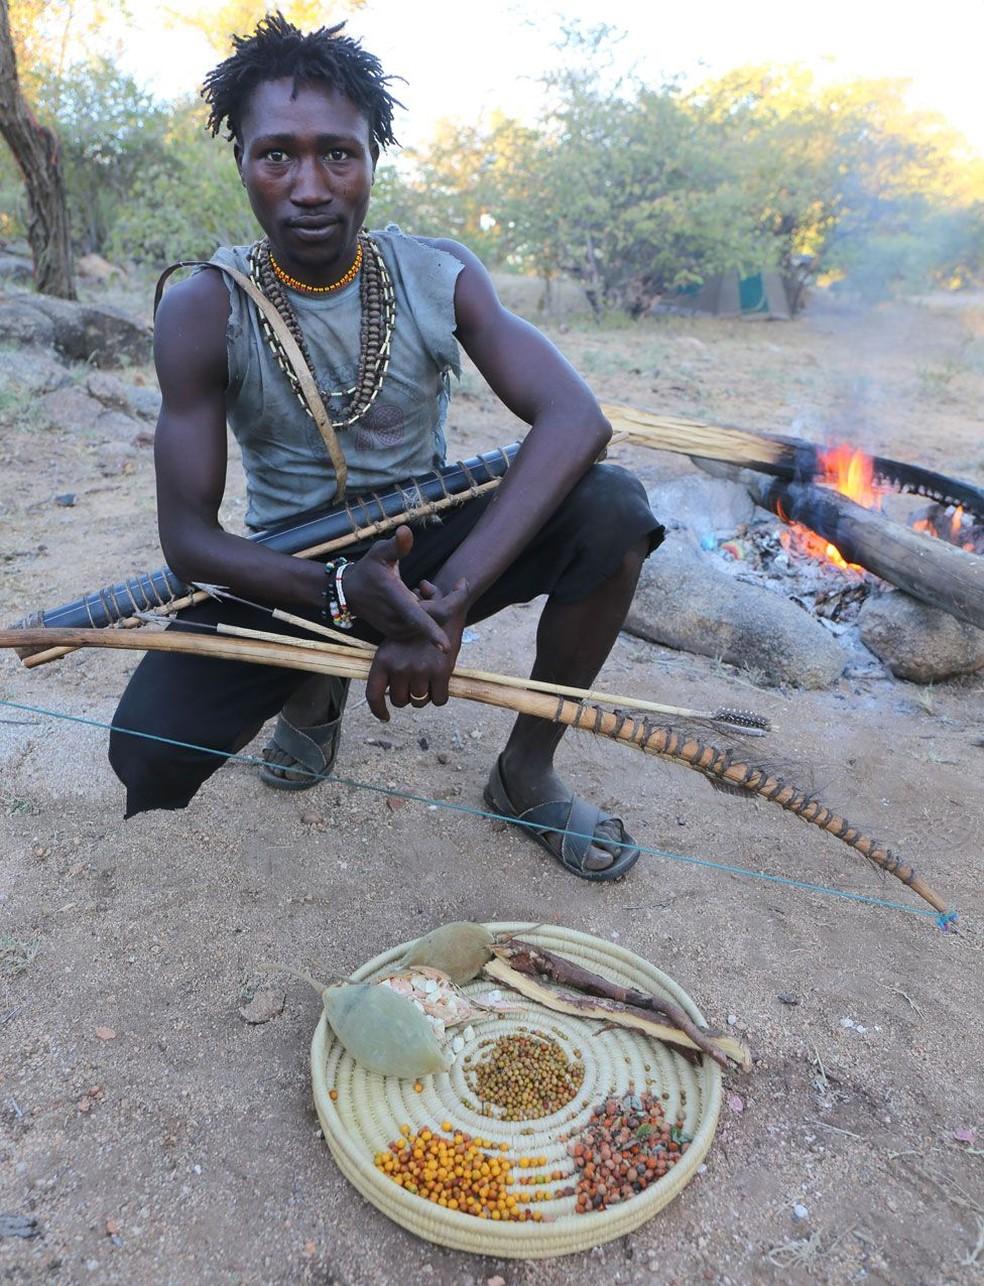 Baobá é uma fruta rica em vitamina C (Foto: JEFF LEACH/DIVULGAÇÃO)